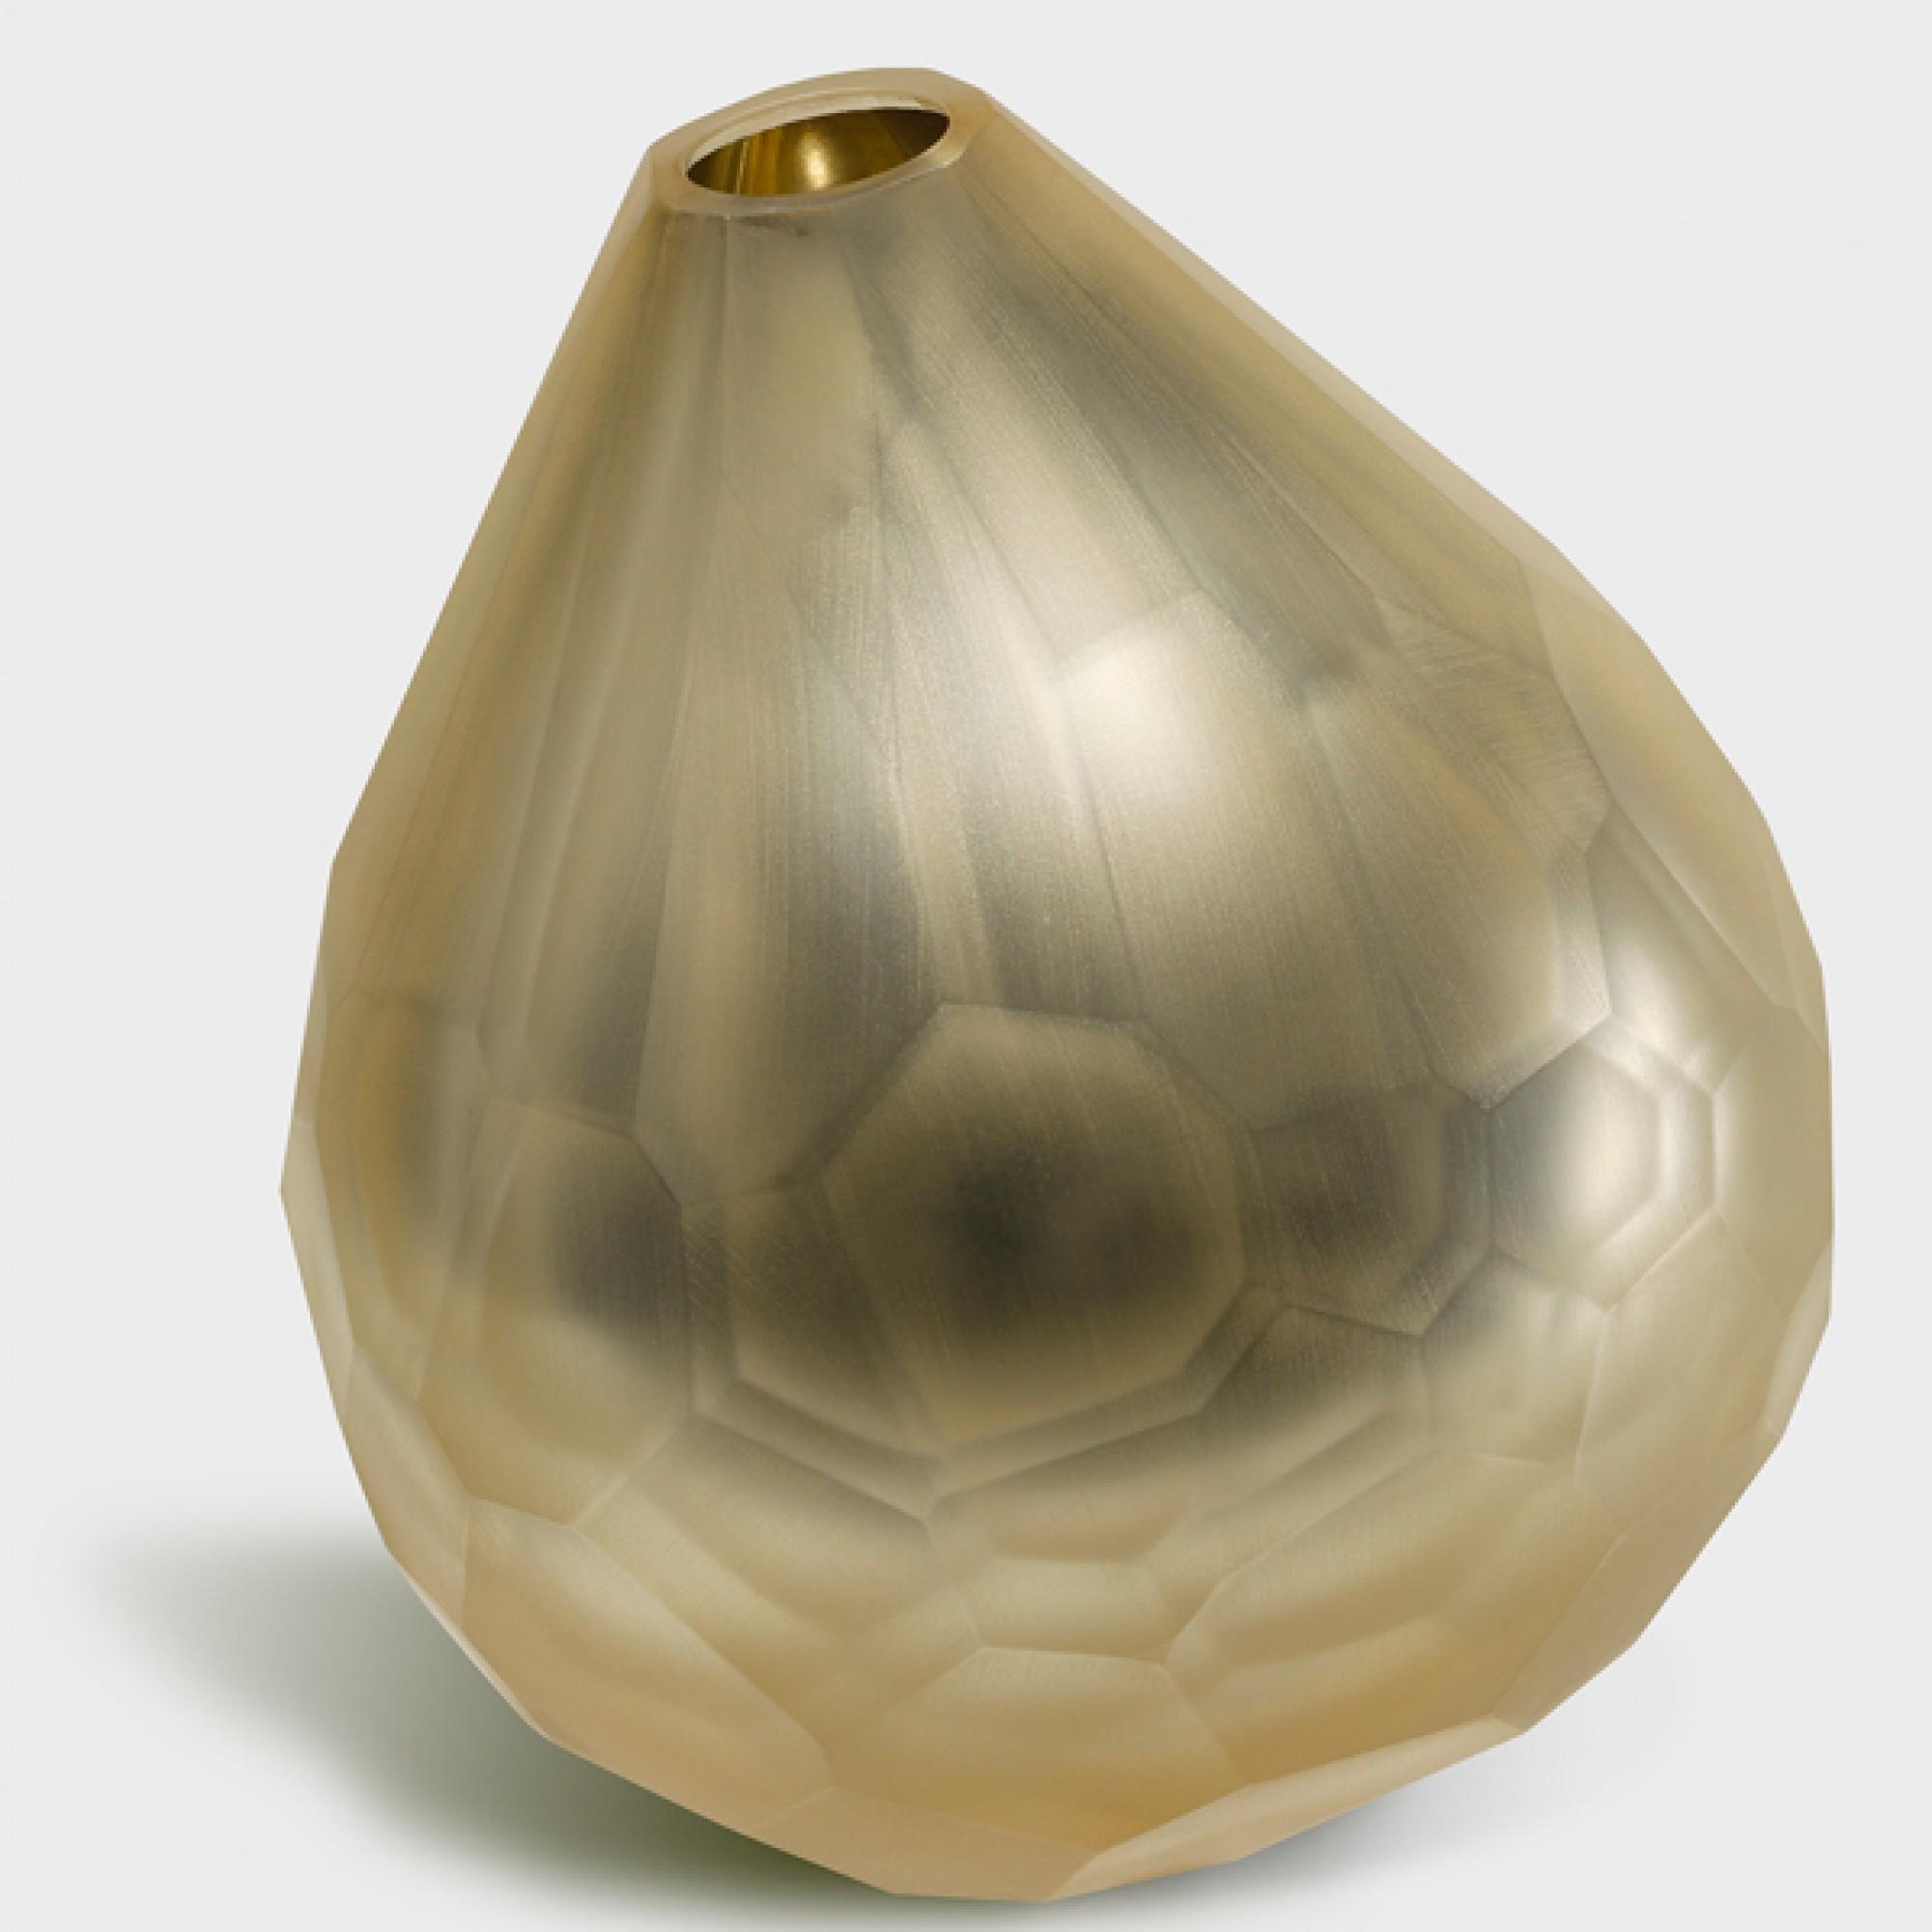 Thomas Blank, Vase 2010, Buuregoud, 2010. (Museum für Gestaltung Zürich, M.Perez)